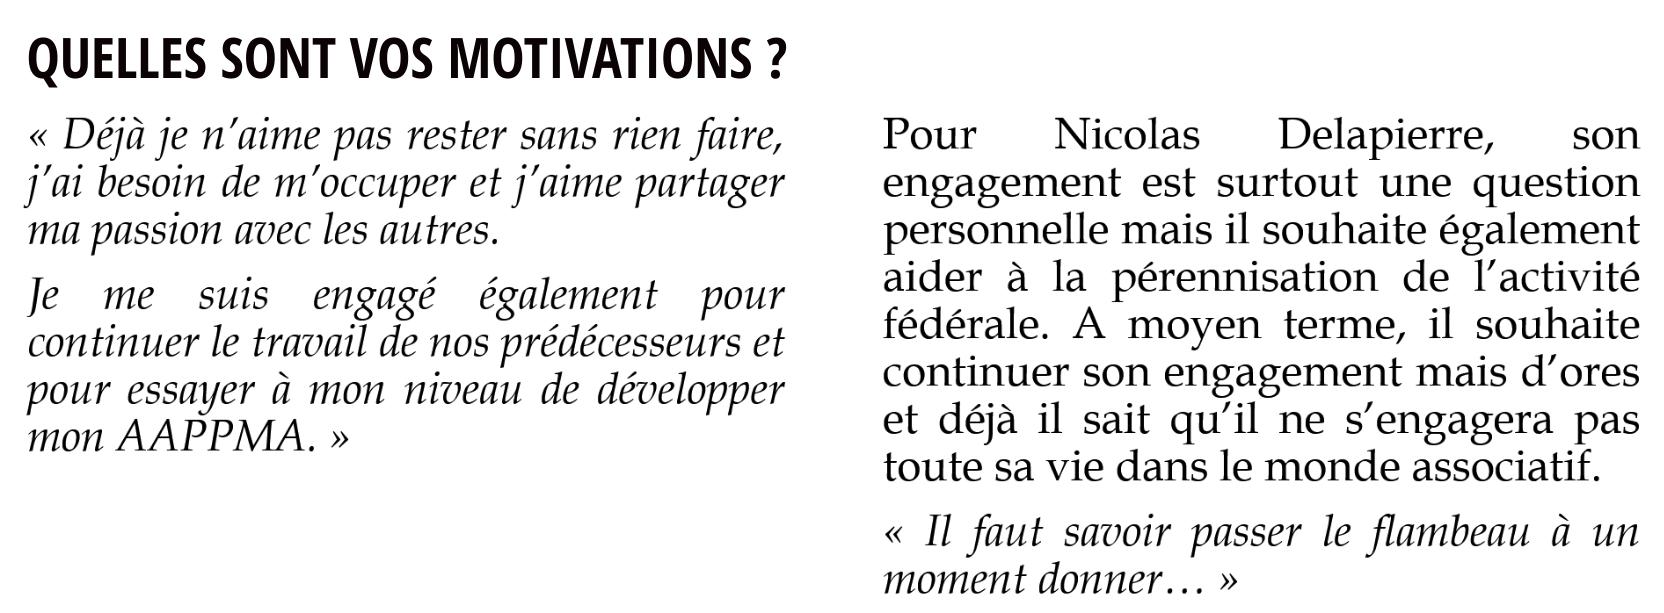 N.Delapierre question 6